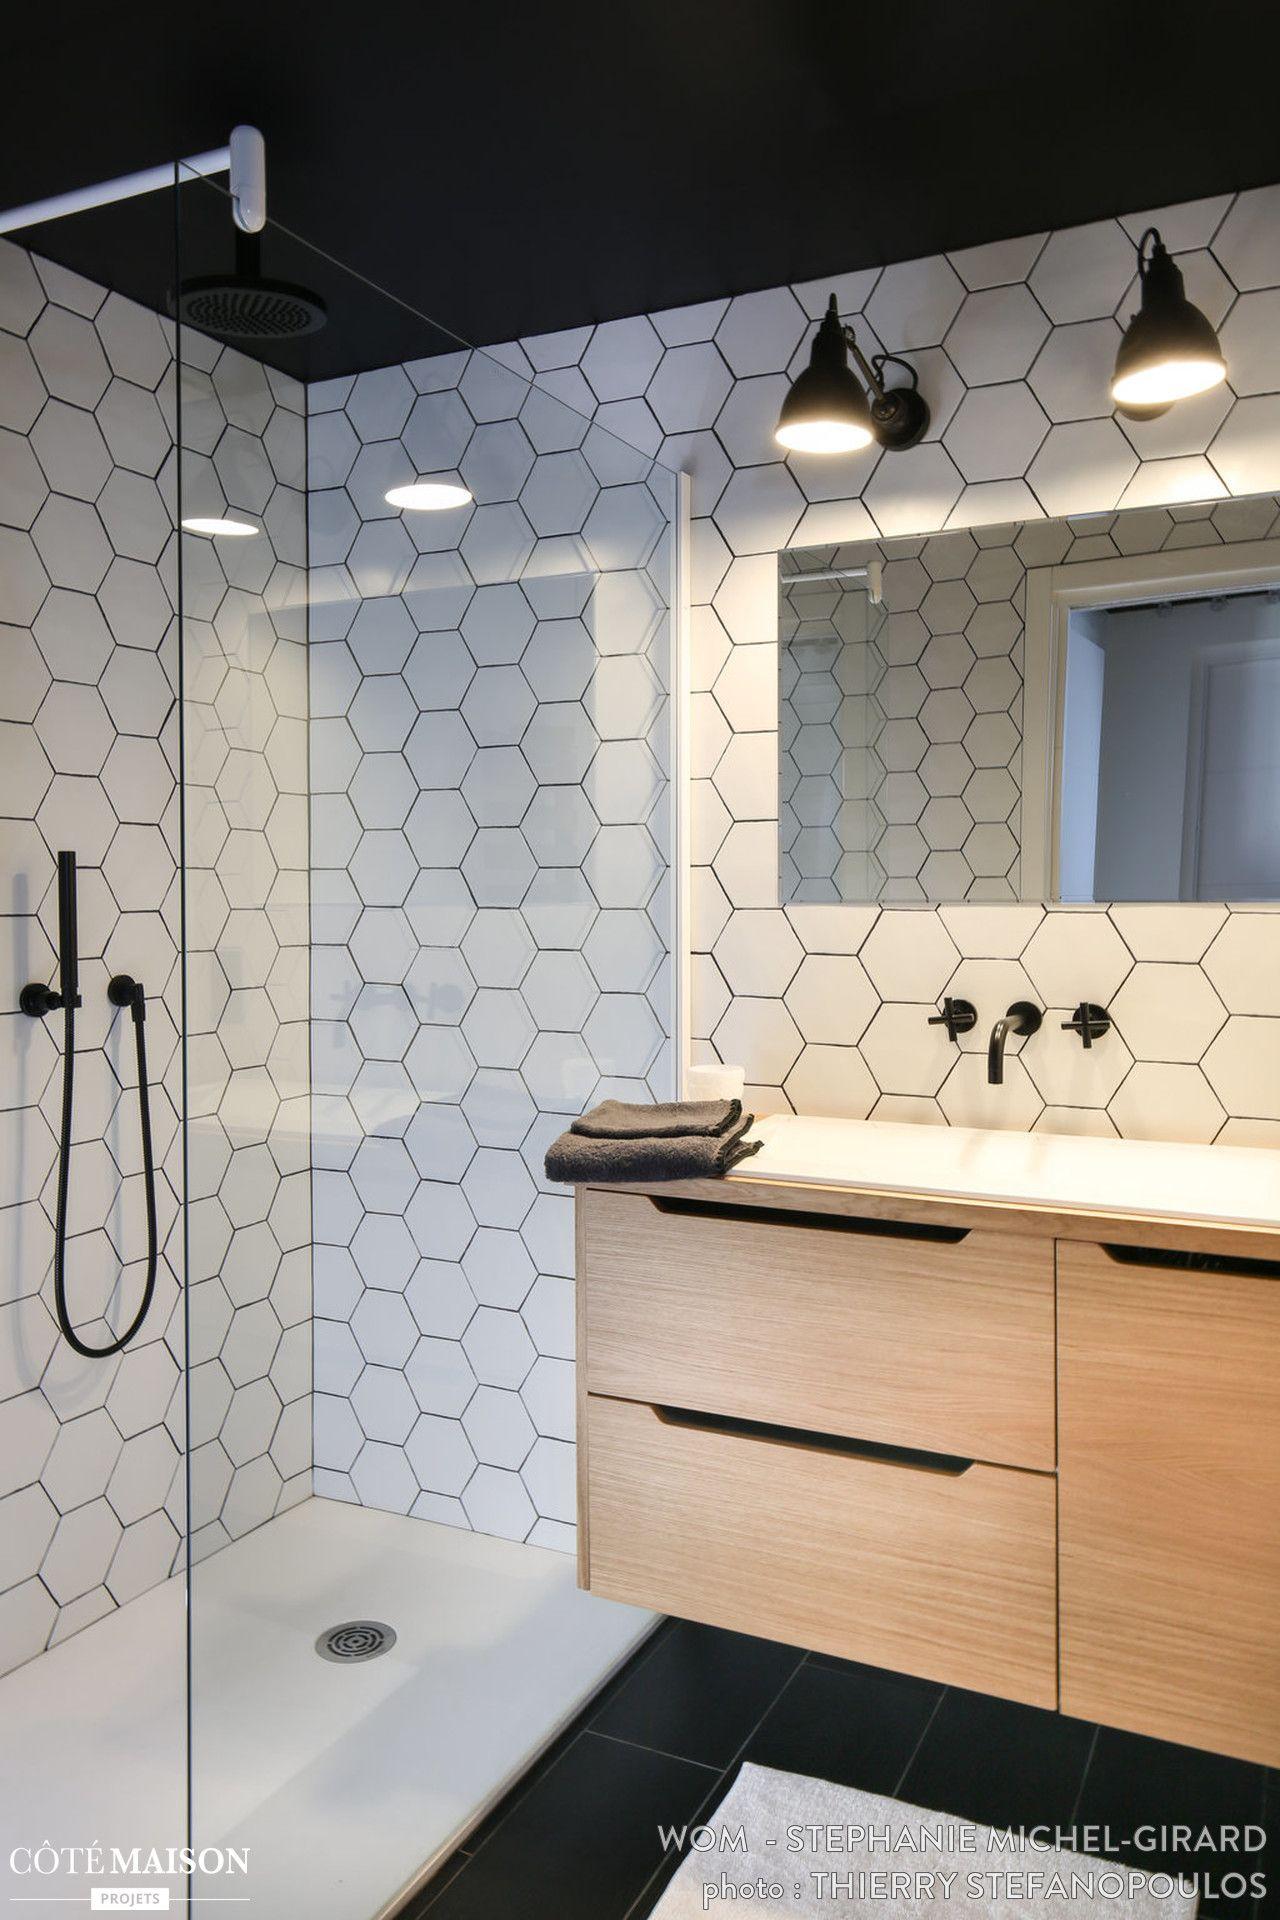 Rénovation et restructuration totale d'un appartement de 55 m2, Biarritz, WOM  Design - Stéphanie Michel-Girard - architecte d'intérieur